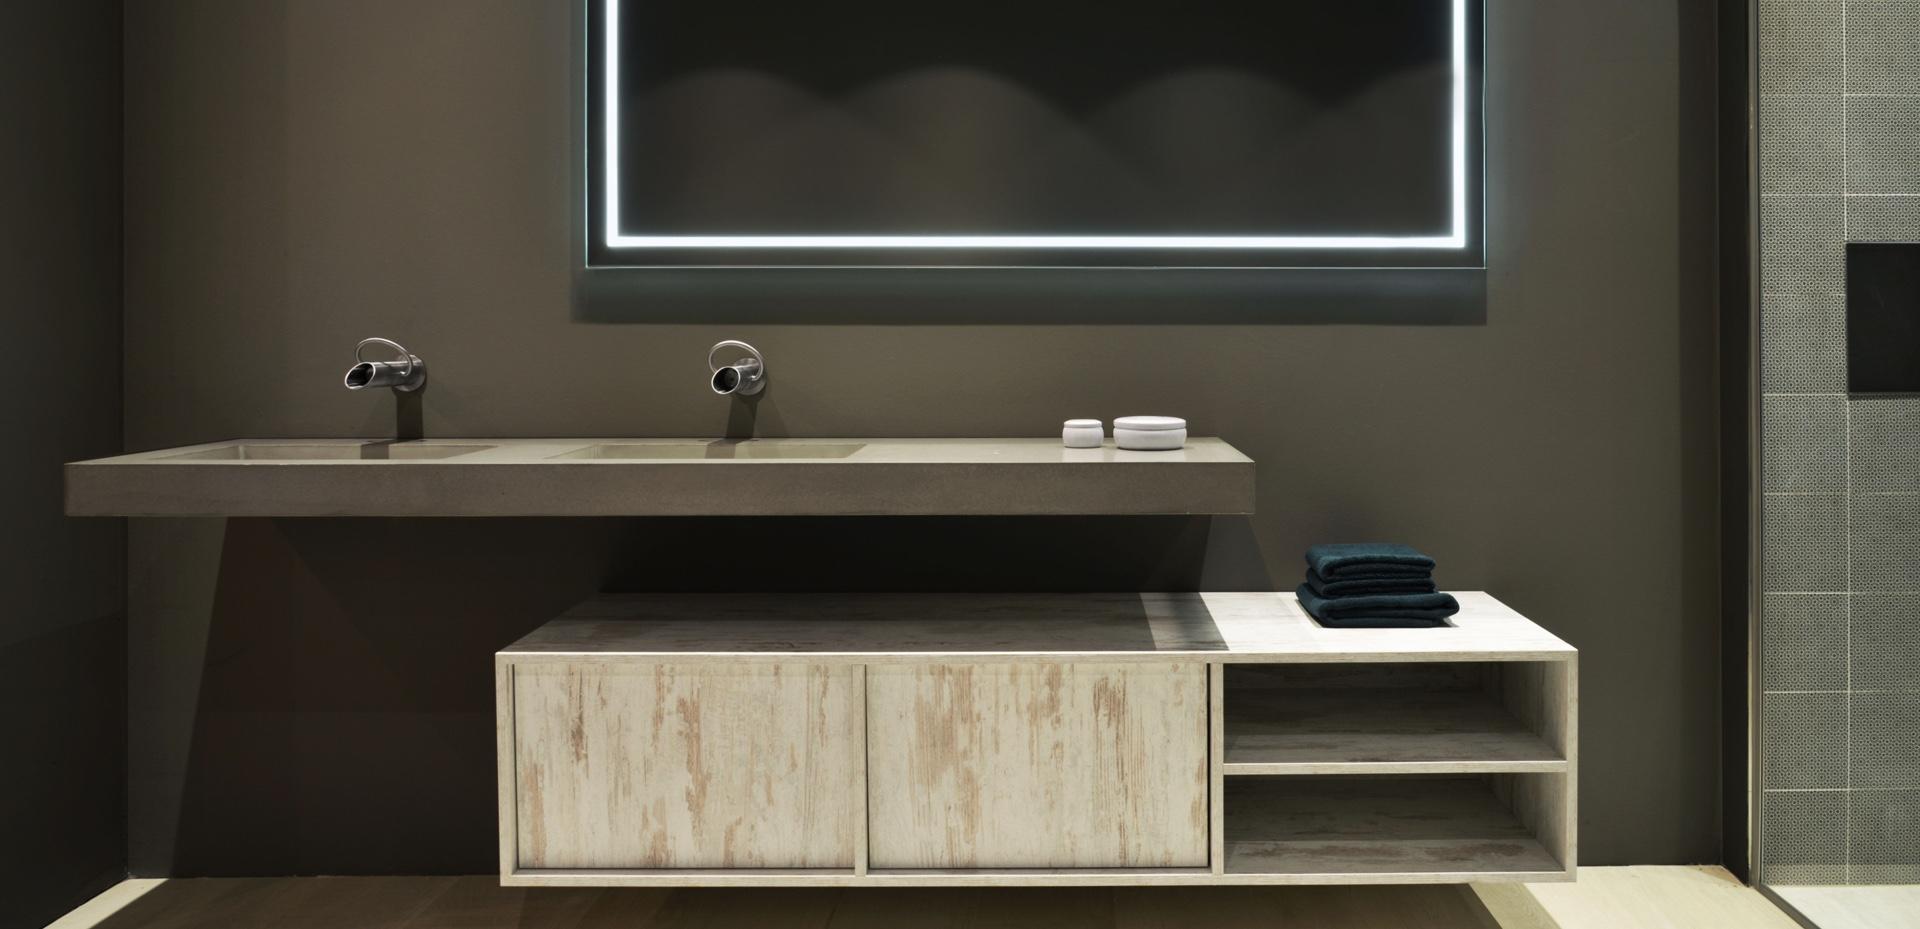 earthly-pleasures-duurzame-badkamer-mijnbad-in-stijl-header